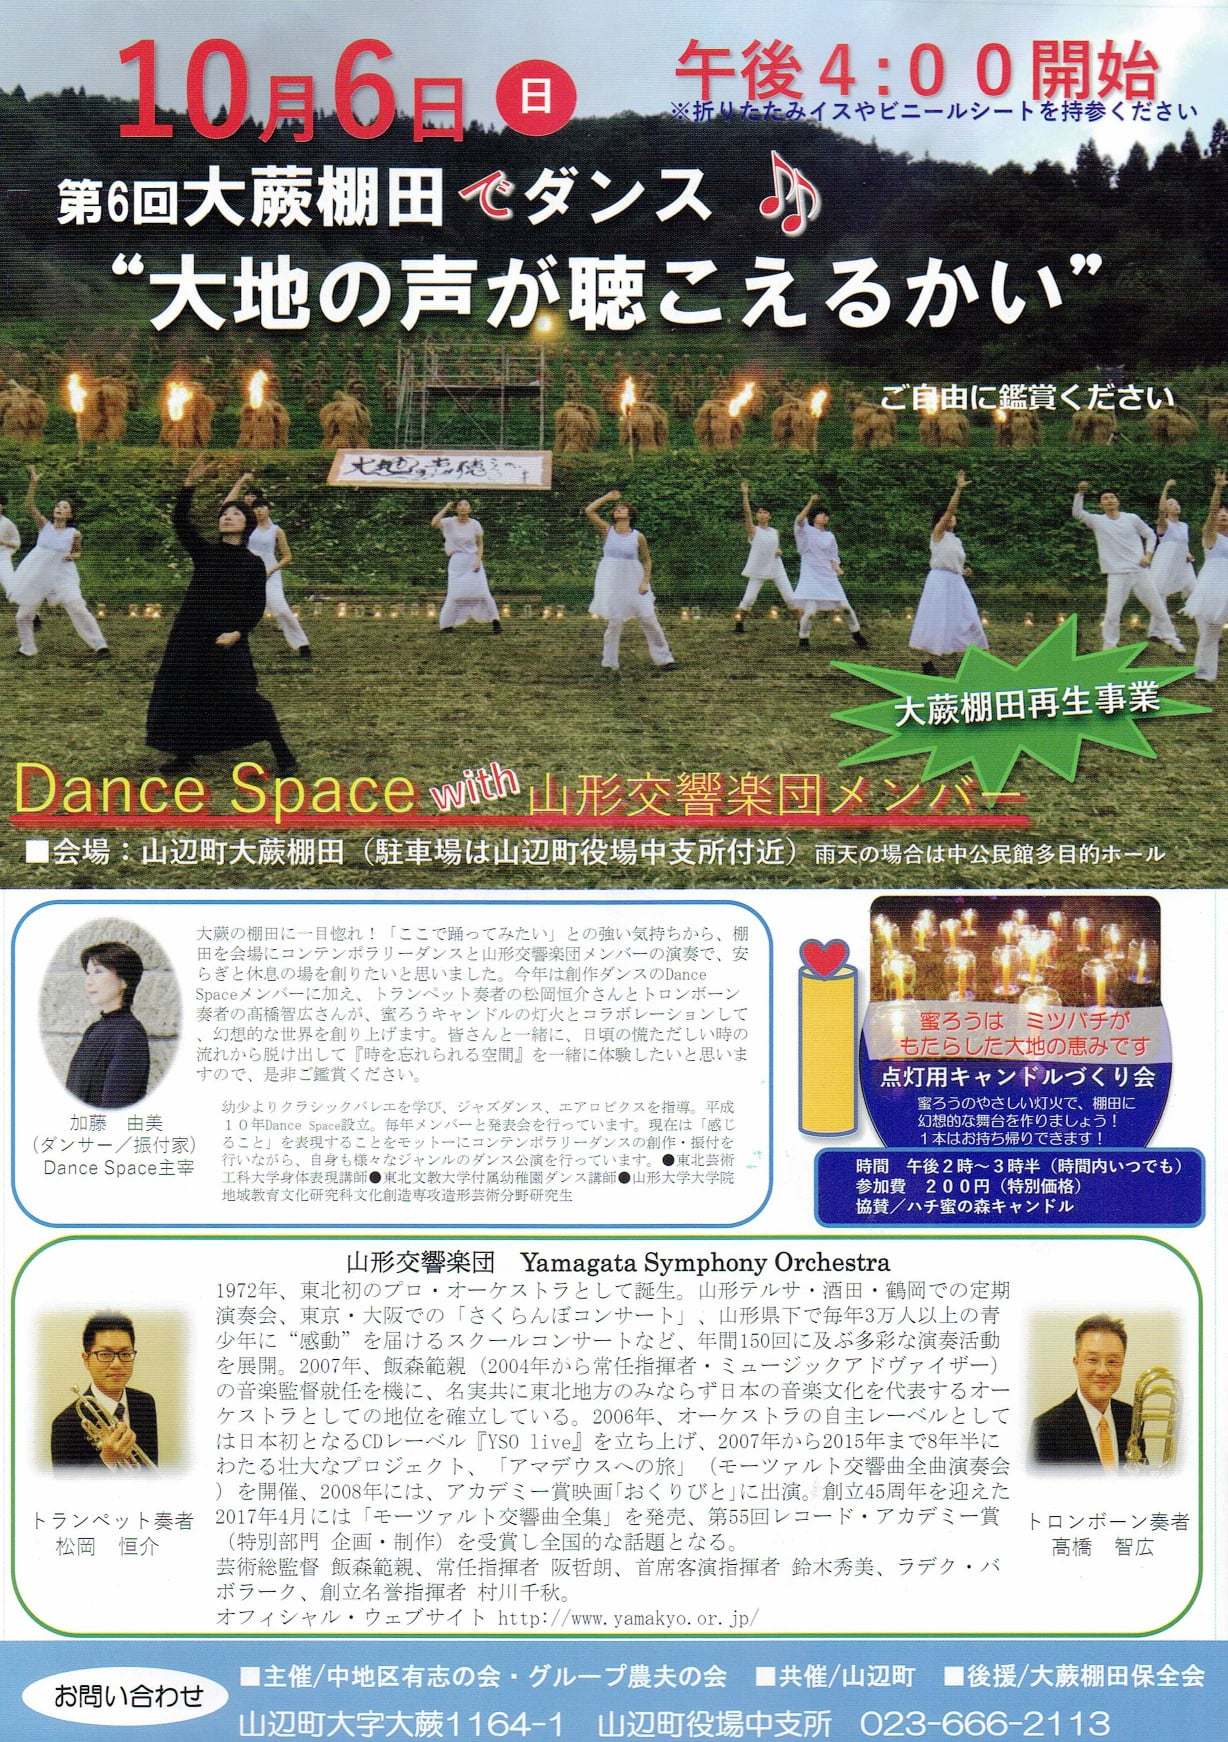 今年も棚田ダンス公演でキャンドル作り!:画像